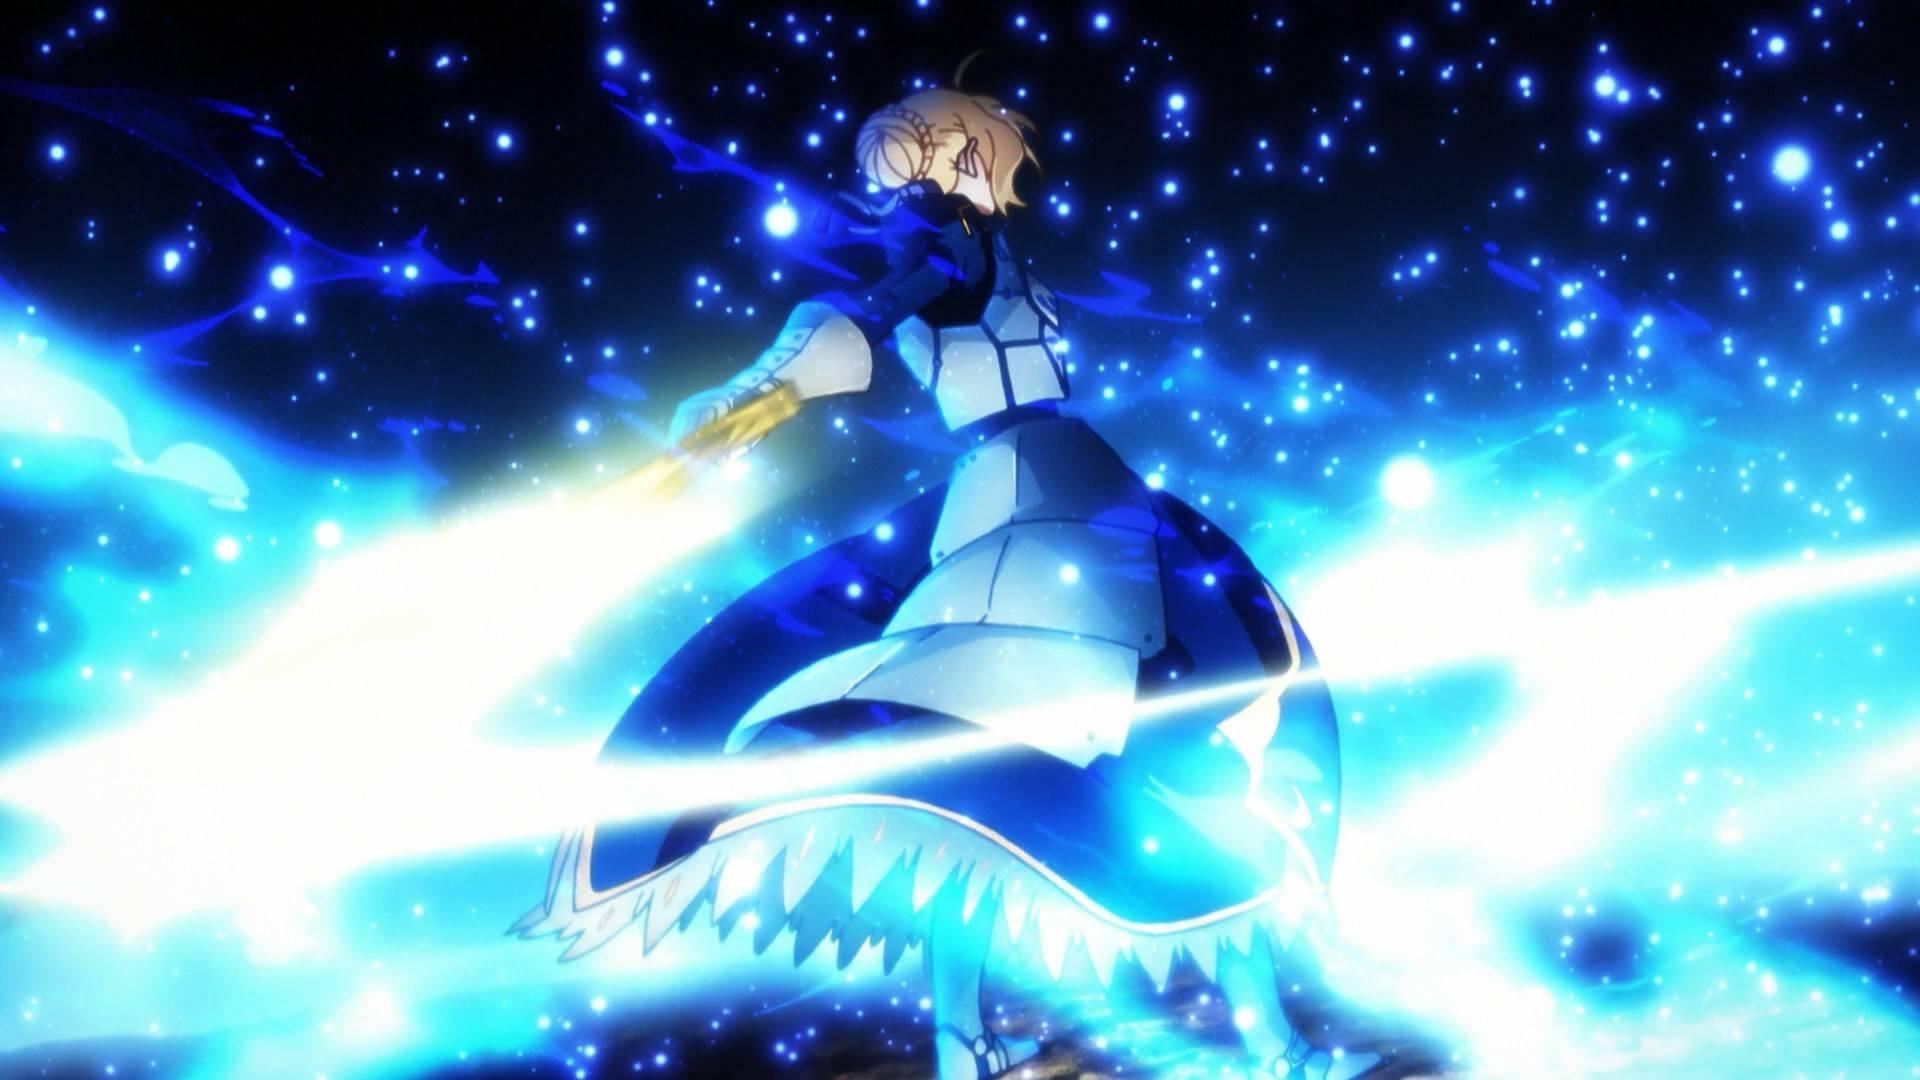 Fate Zero Saber Wallpaper Saber Fatezero 1920 1080 1920x1080